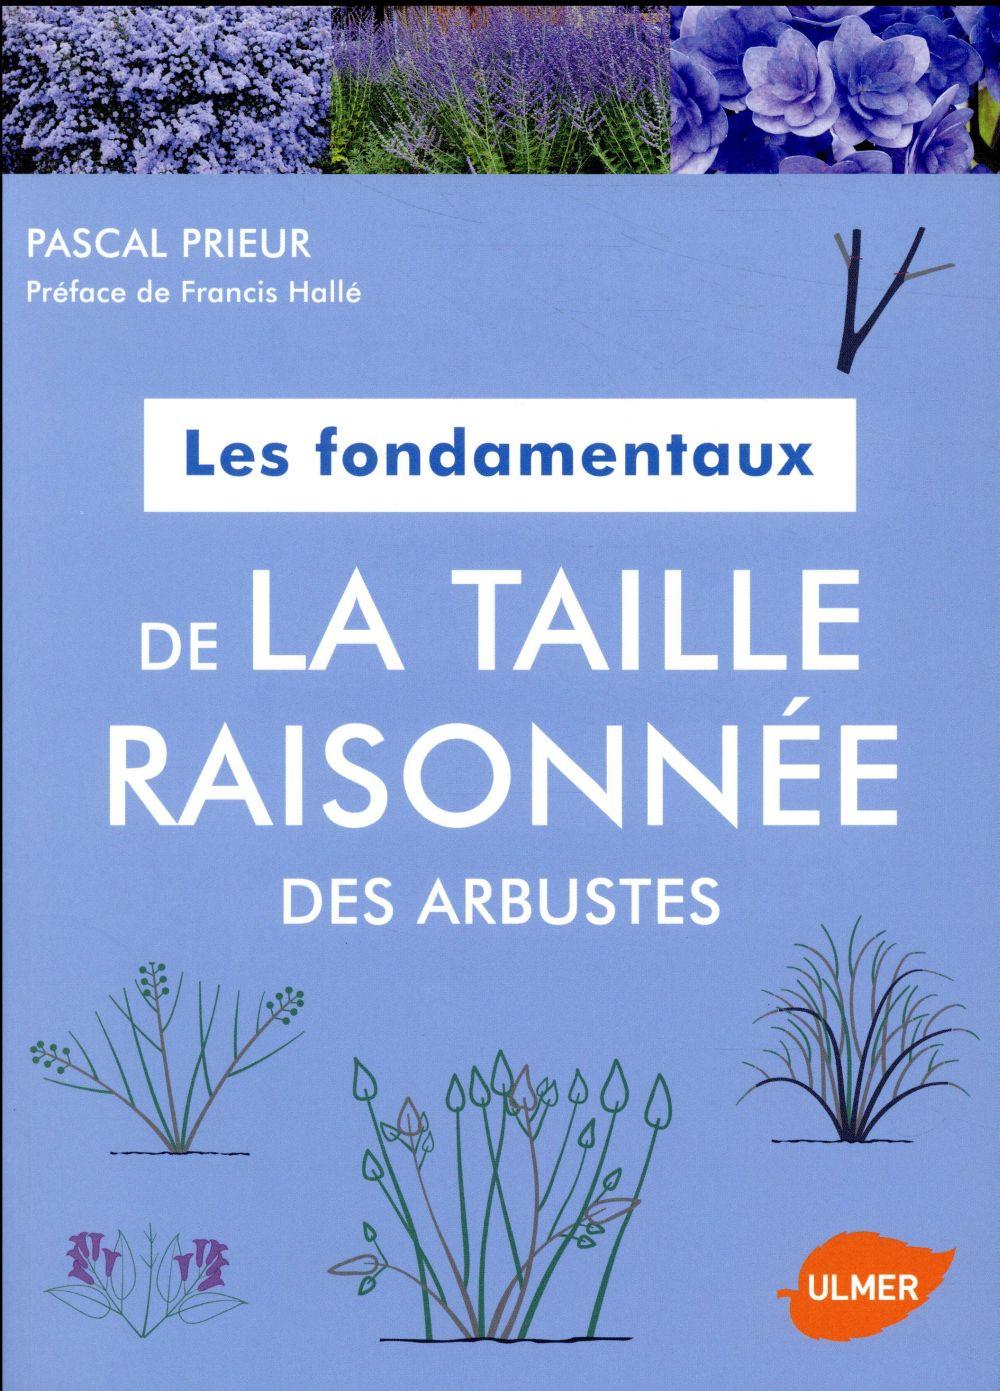 LES FONDAMENTAUX DE LA TAILLE RAISONNEE DES ARBUSTES